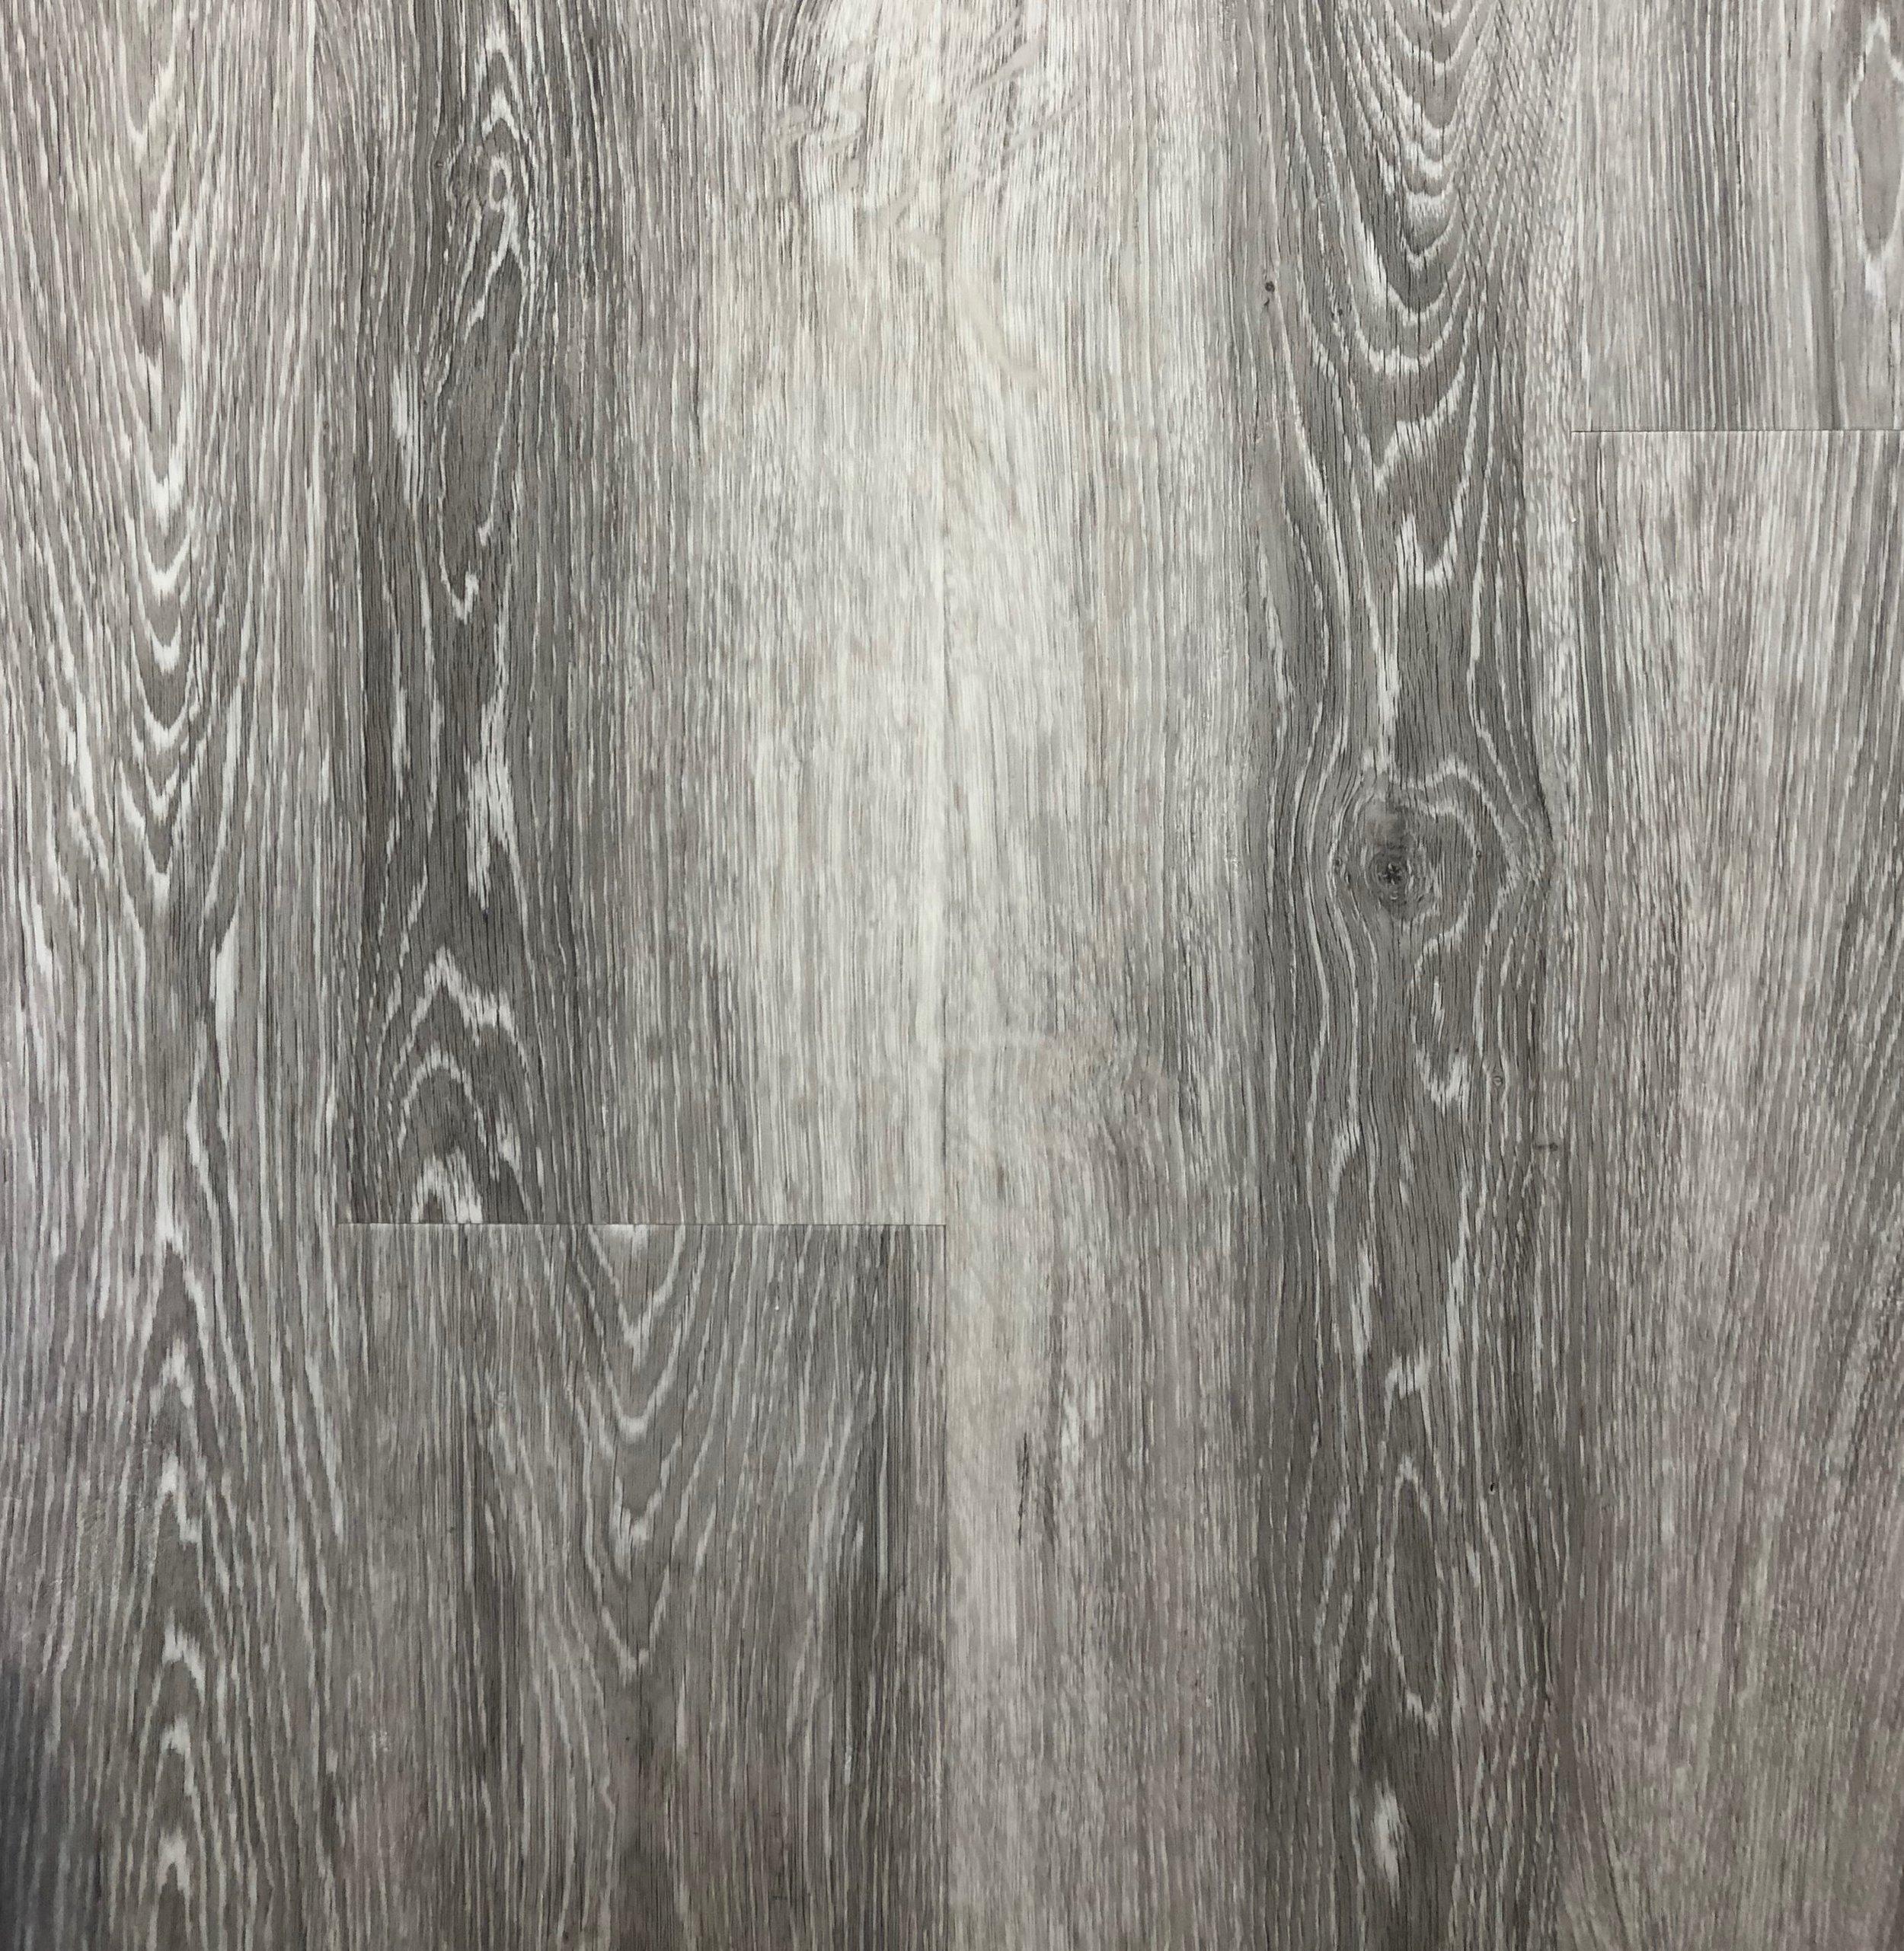 """CA Flooring - Moonlight  Thickness: 6.5mm  Width: 7""""  Length: 48"""""""